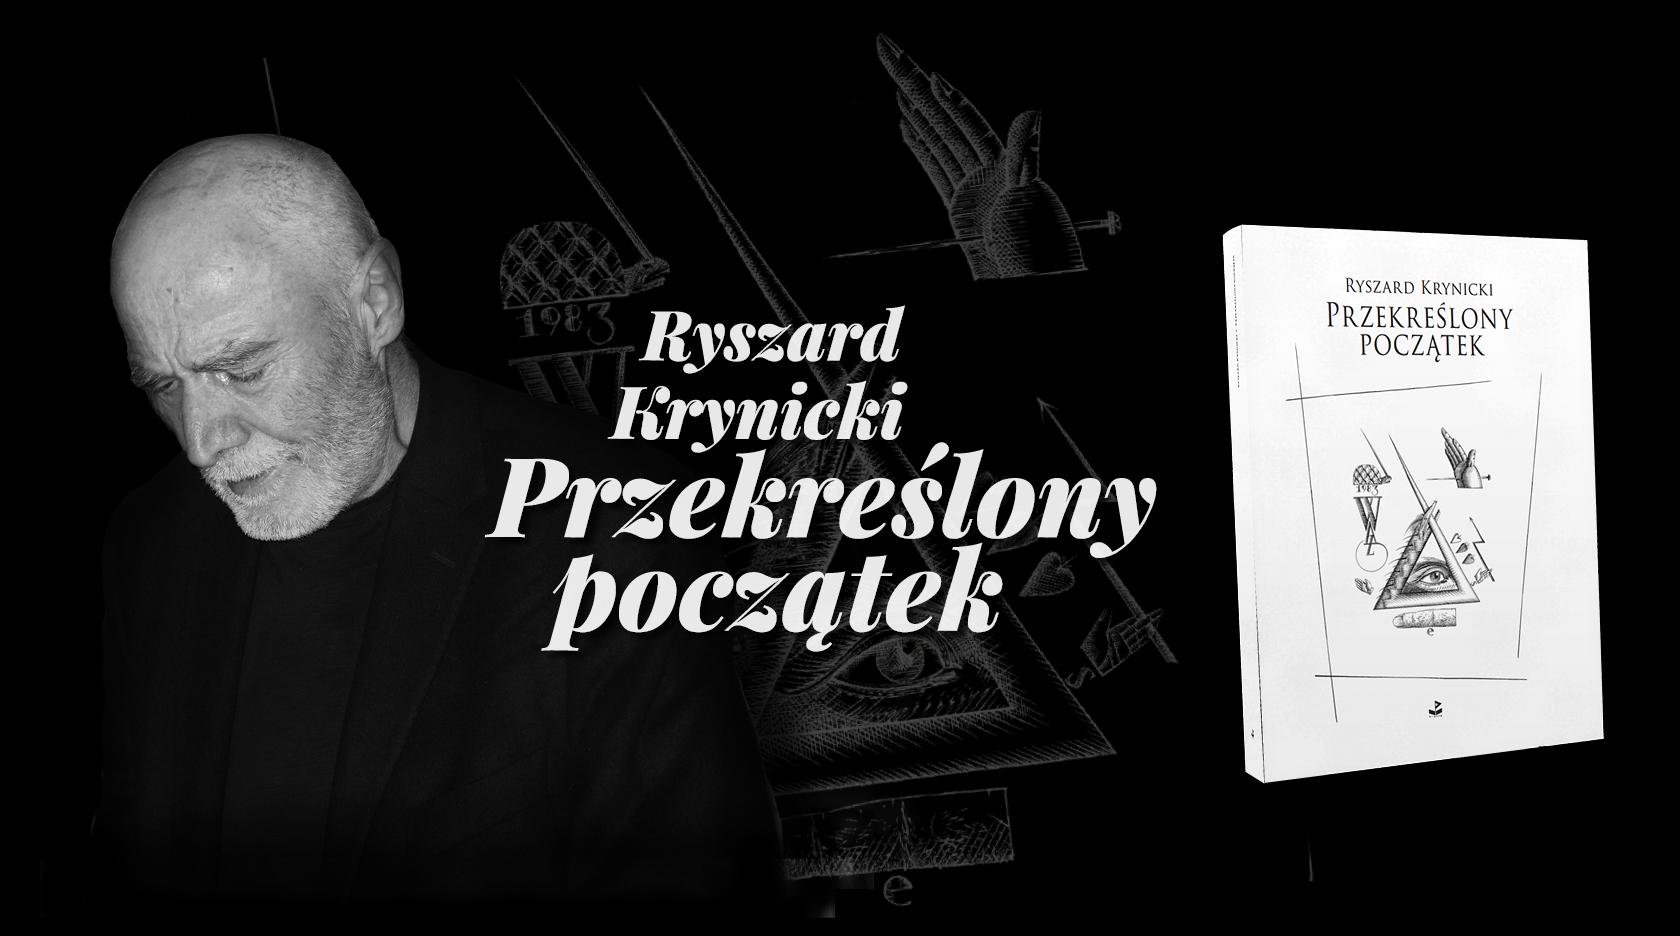 BL Img 2017.03.20 Ryszard KRYNICKI Przekreślony początek_www